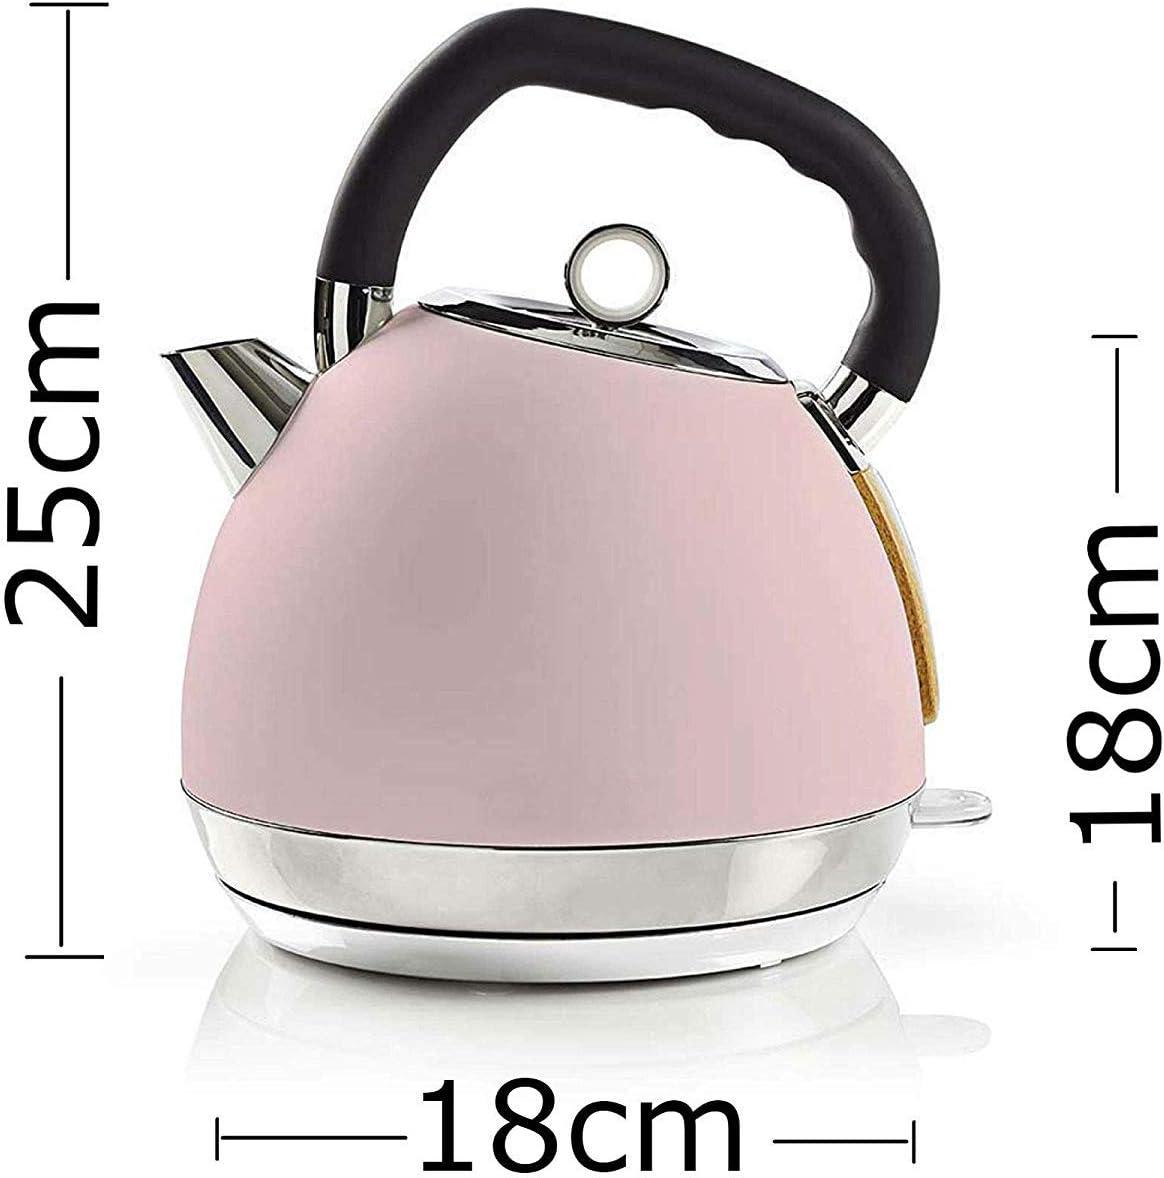 Retro Design Frühstücksset Toaster Edelstahl rosa Wasserkocher Holz Design